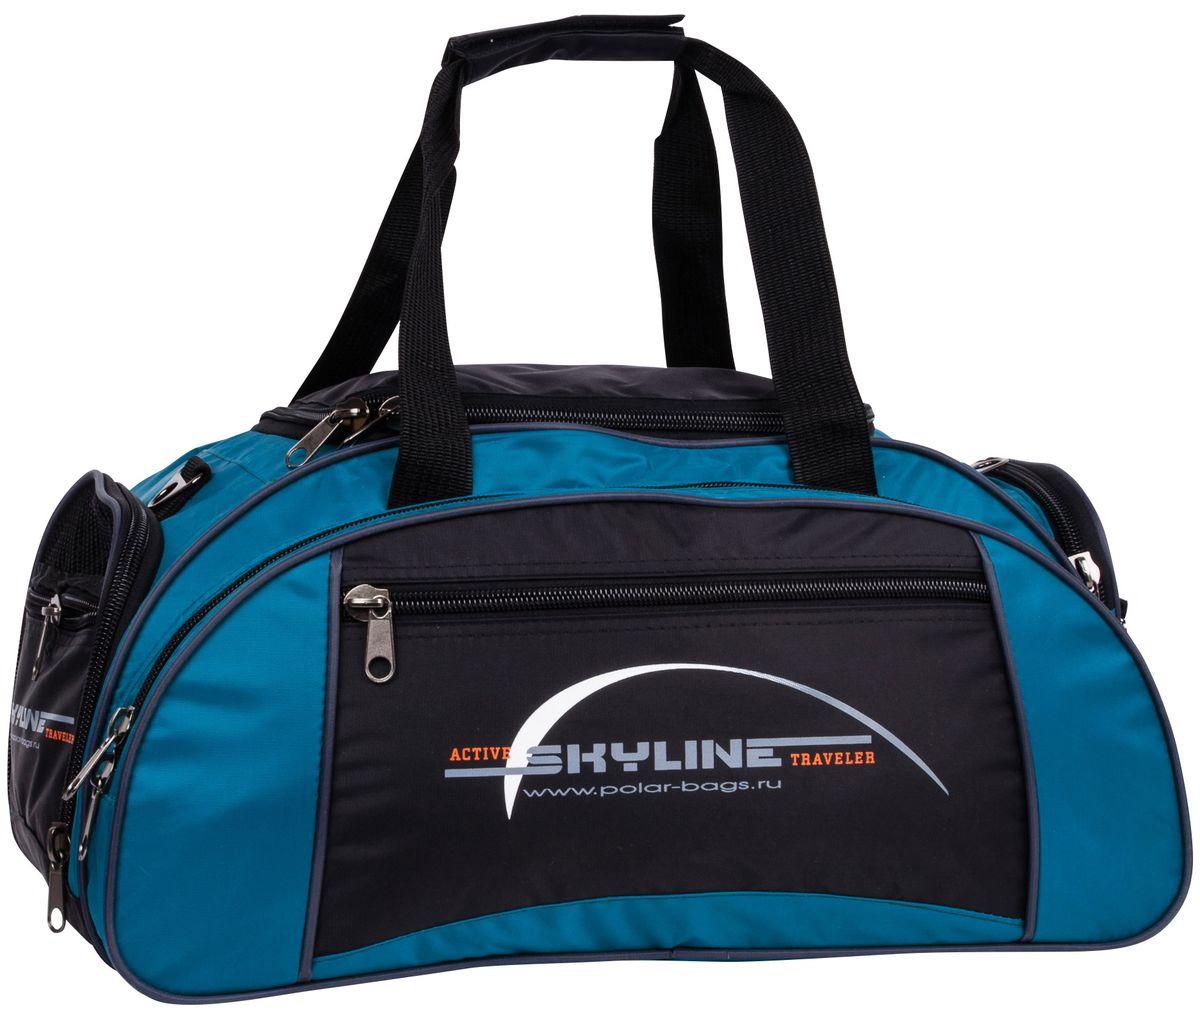 Сумка спортивная Polar  Скайлайн , цвет: черный, голубой, 36 л. 6063 - Дорожные сумки